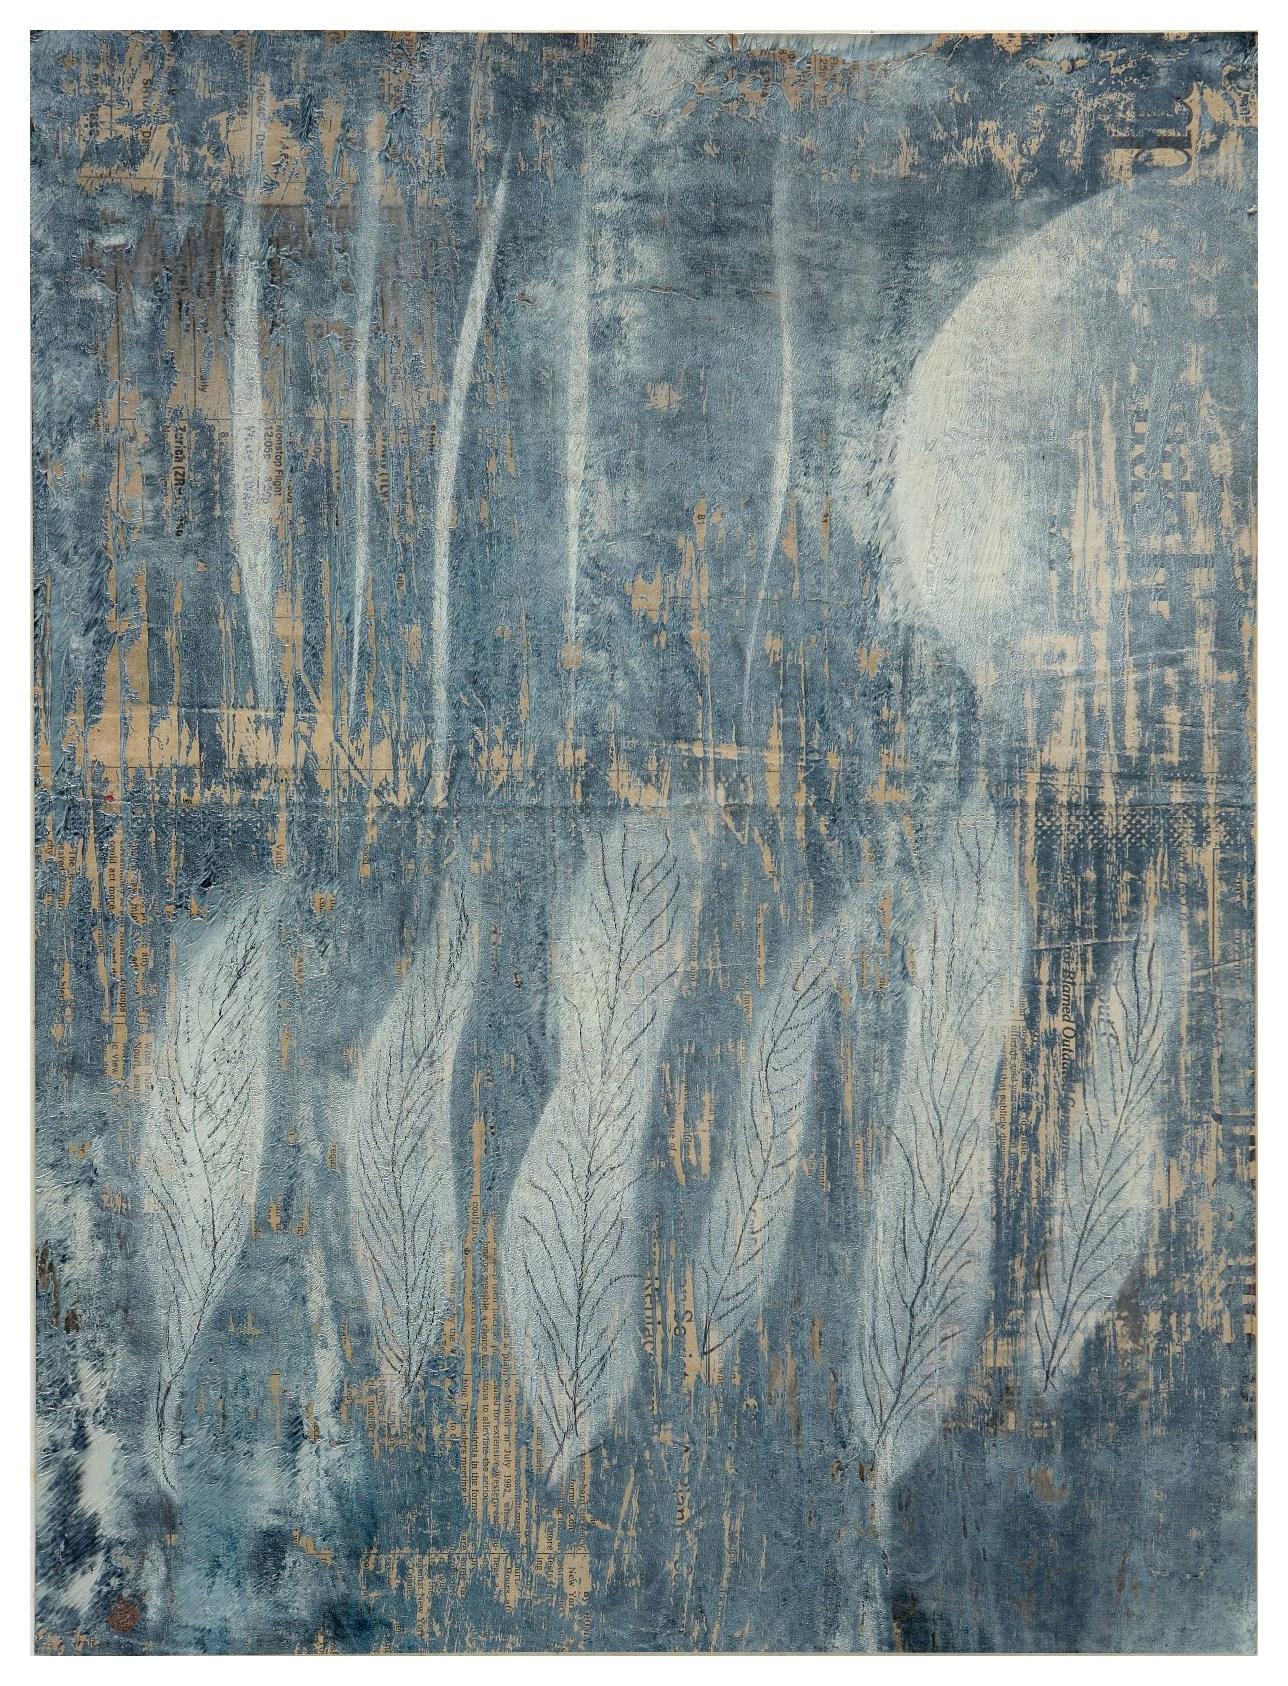 淨化之夜 Transfigured Night 90-14 1990 油彩、畫紙 49cm x 37cm